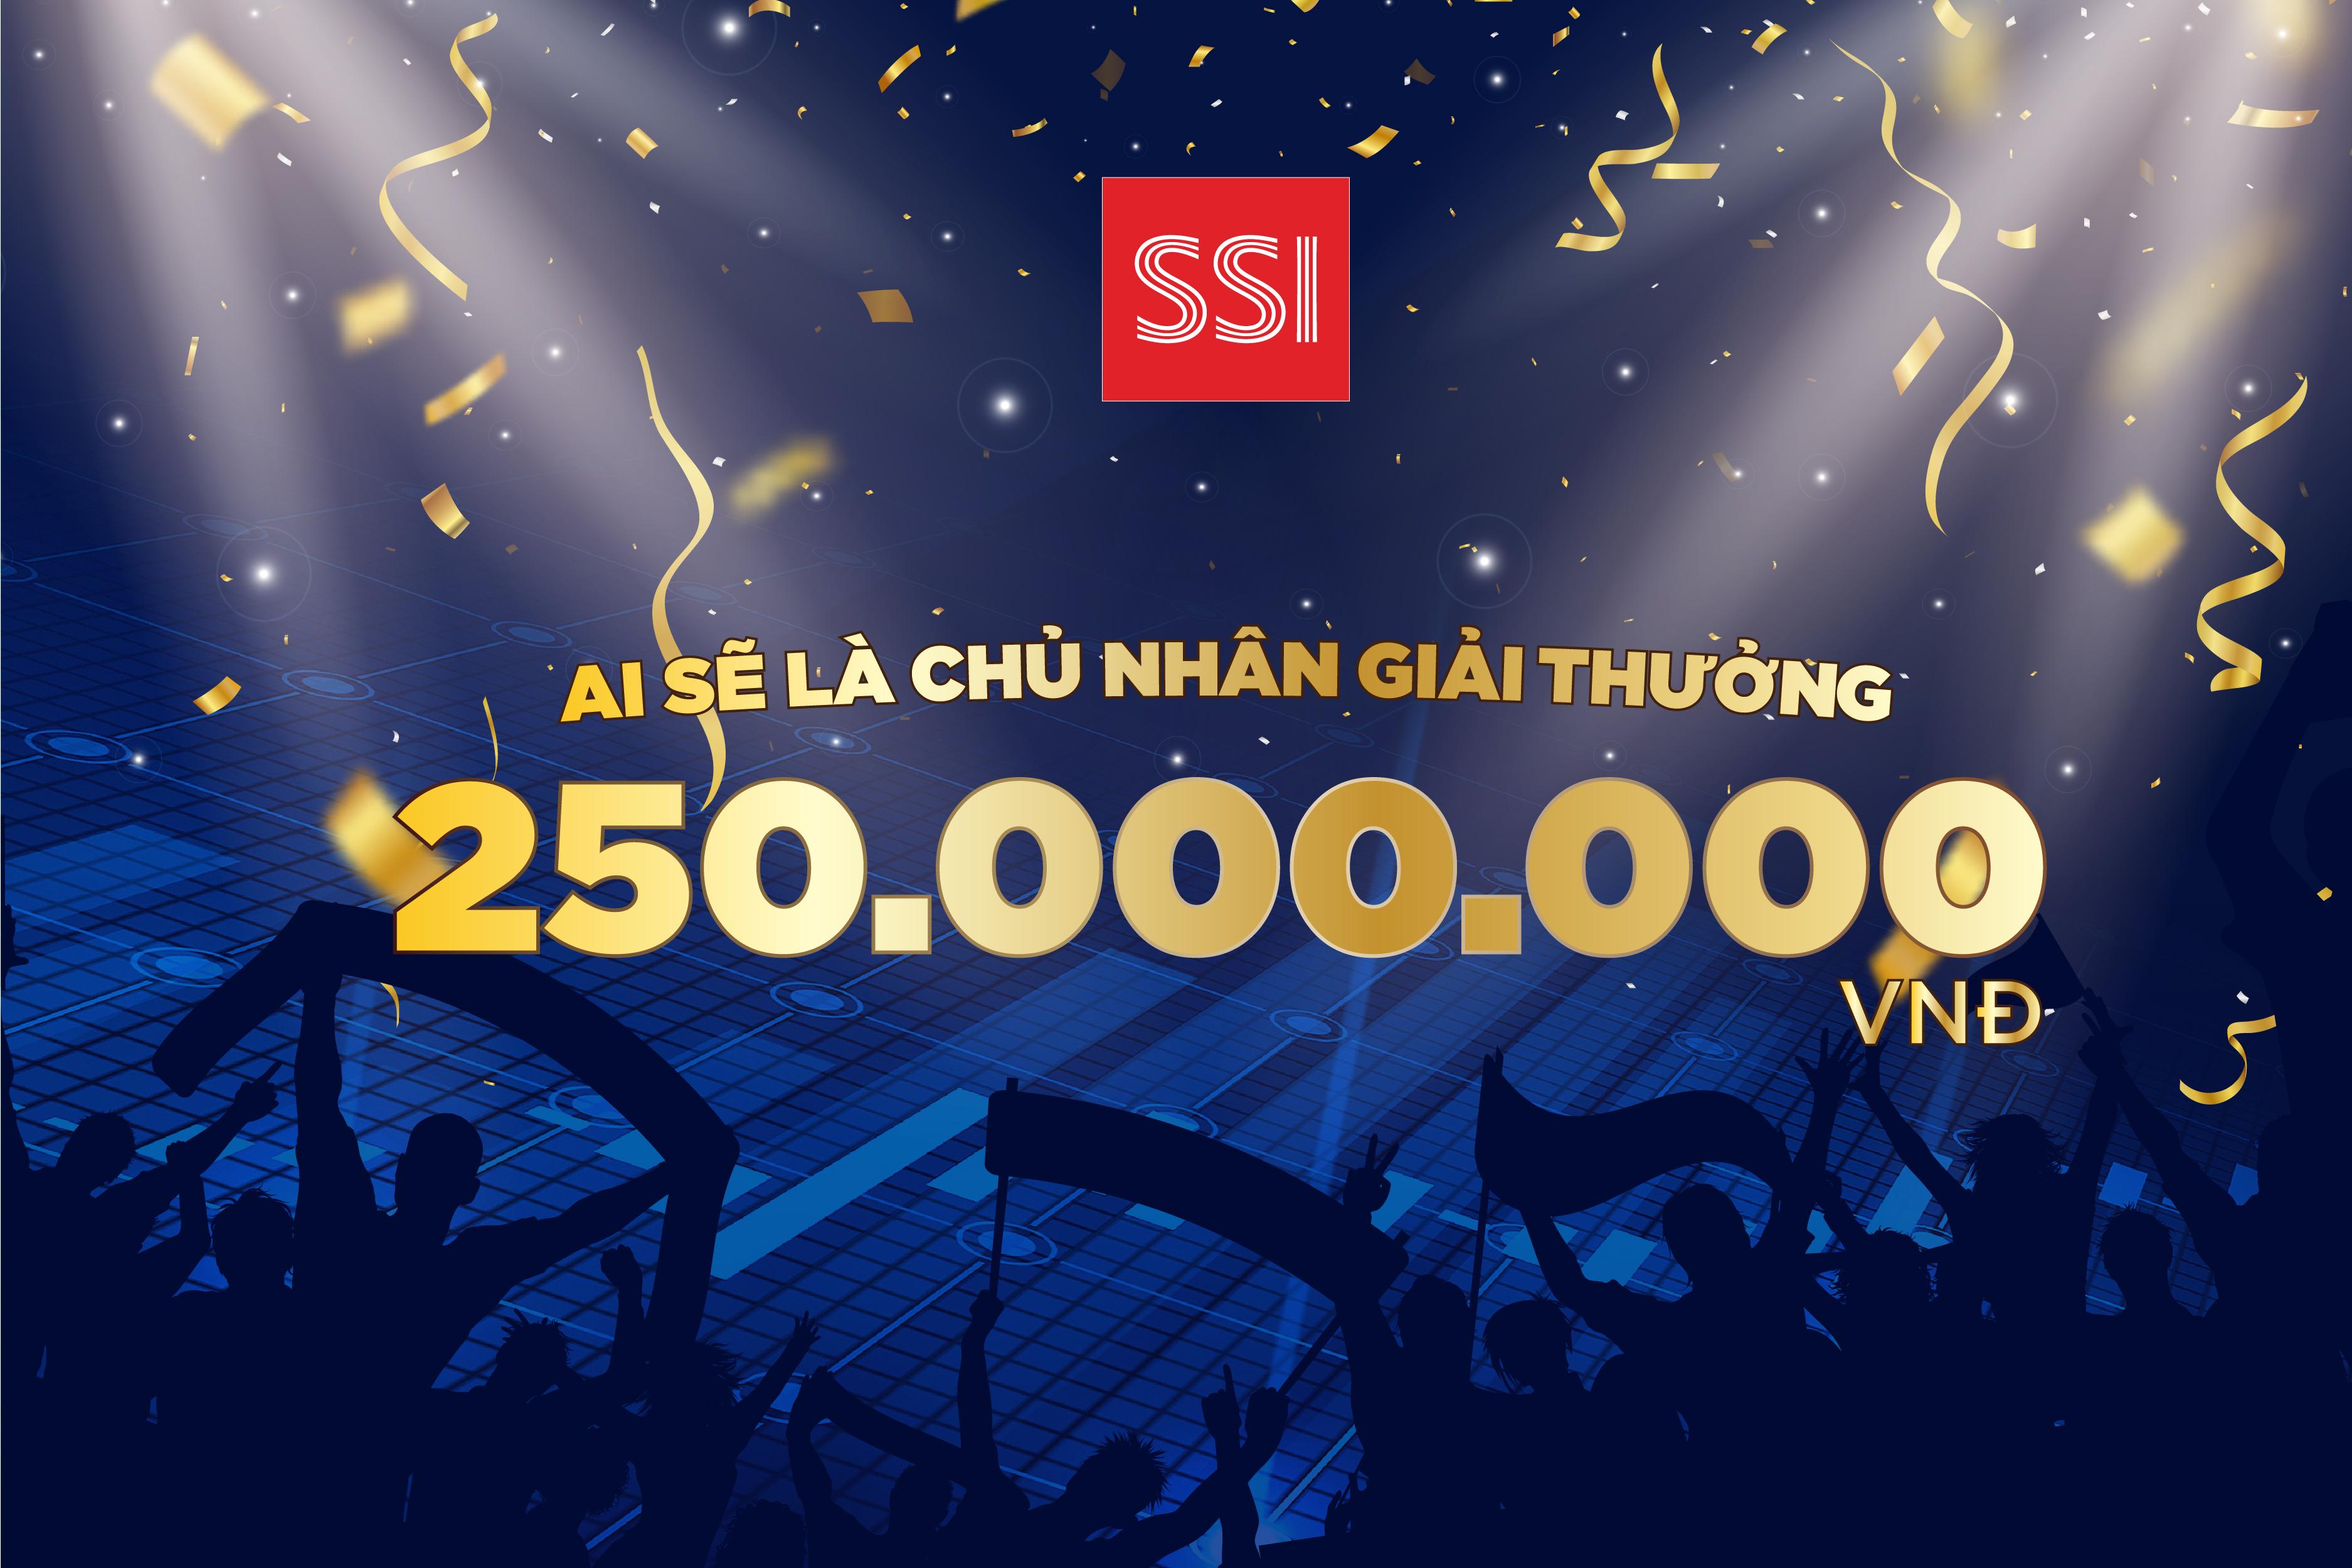 Chứng sĩ xuất sắc sở hữu giải thưởng 250 triệu của iWin chứng sĩ tranh tài sắp lộ diện?